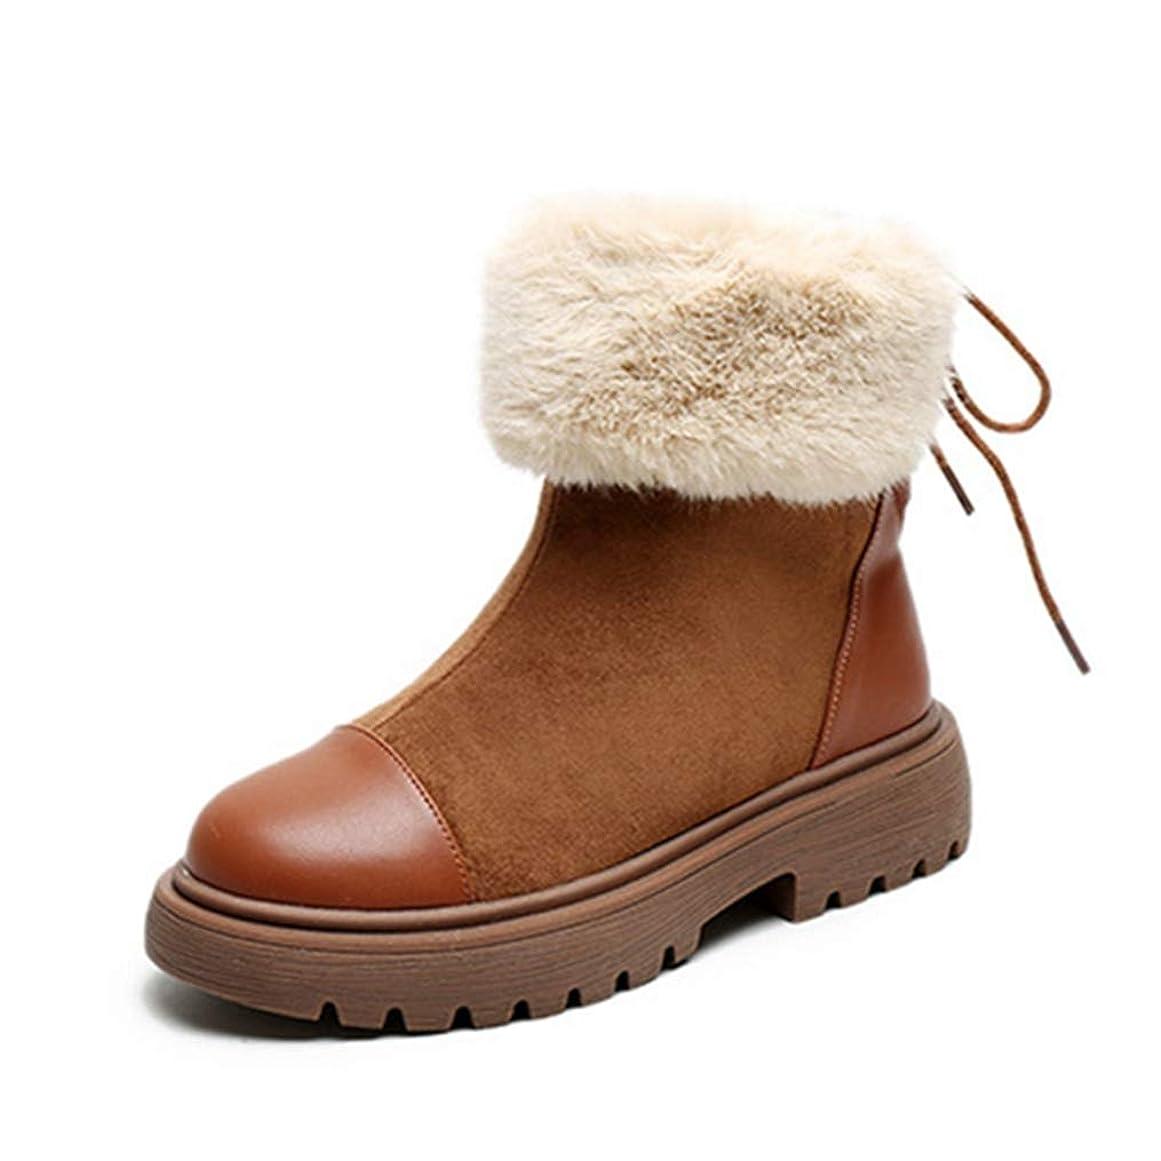 糞ラップ盆地[SENNIAN] スノーブーツ 滑り止め マーティンブーツ レディーズ ショートブーツ ファーブーツ 冬用 裏起毛 防寒 3cmチャンキーヒール ウィンターブーツ 防寒 綿靴 雪靴 通学 通勤用 ふわふわ 女性用 歩きやすい